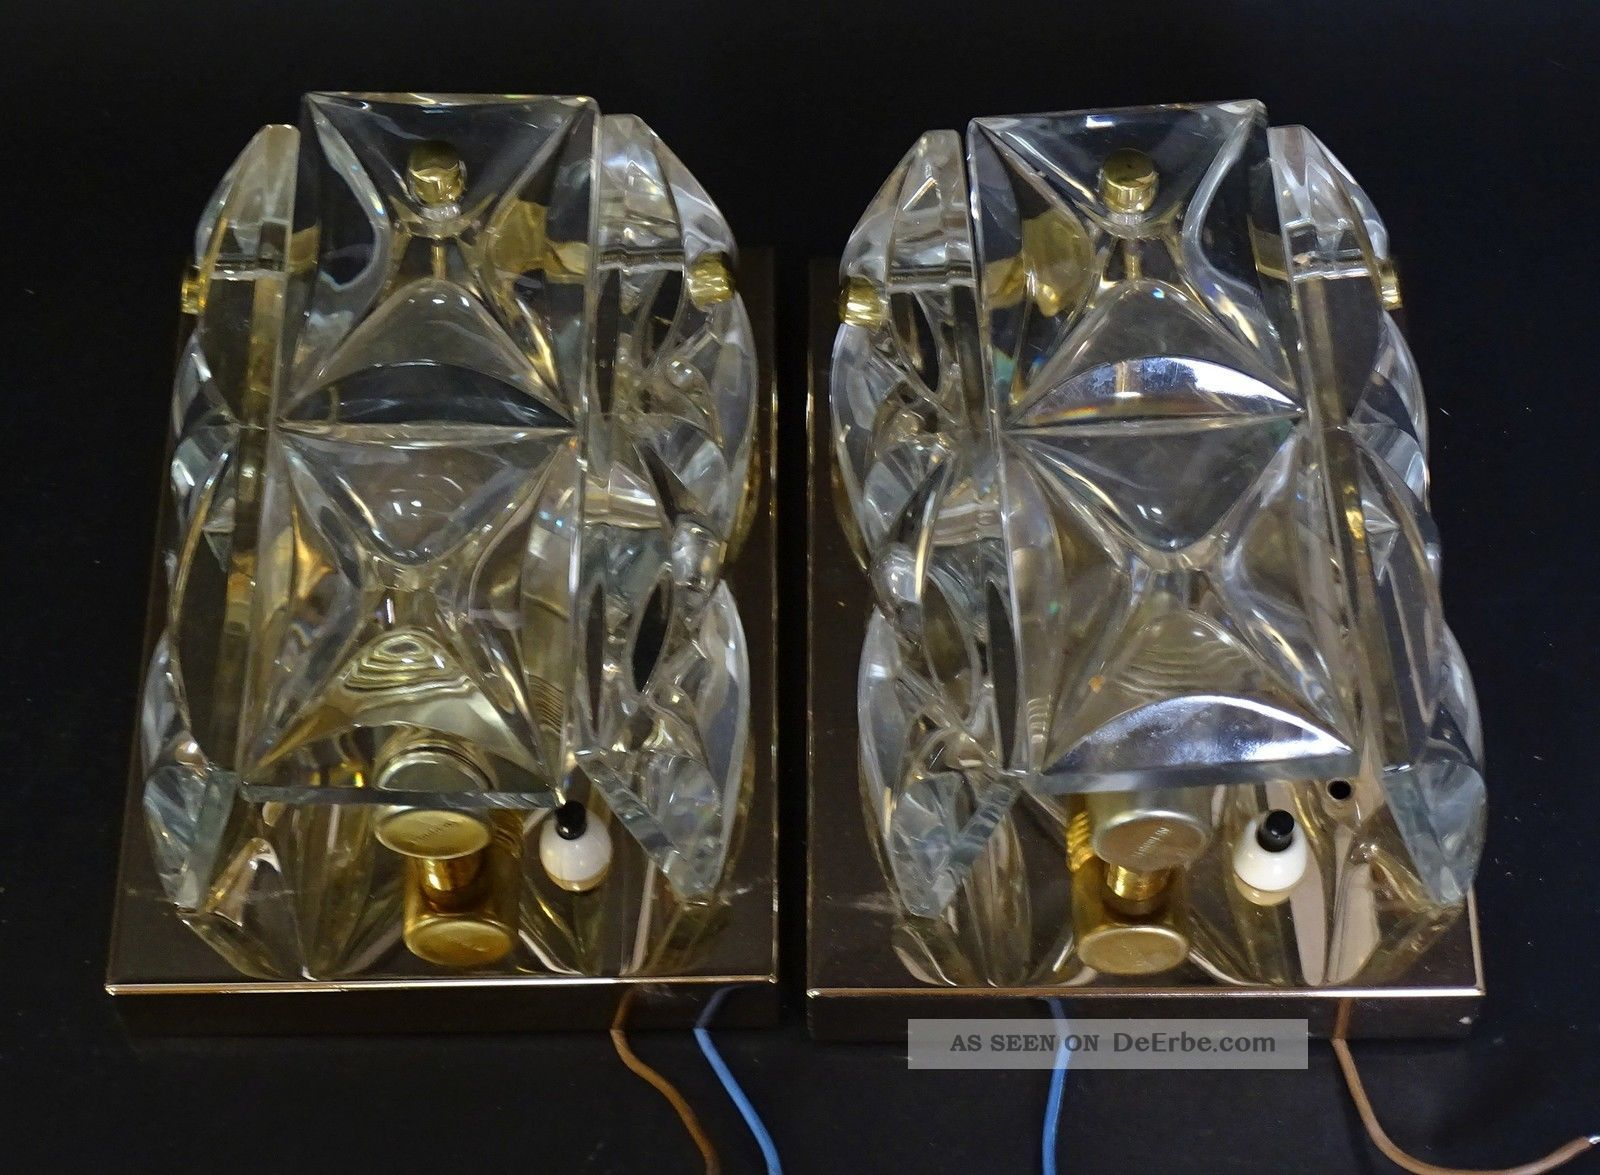 Paar Hochwertige Dickwandige 50er Jahre Design Kristallglas Wandleuchter Lampen 1950-1959 Bild